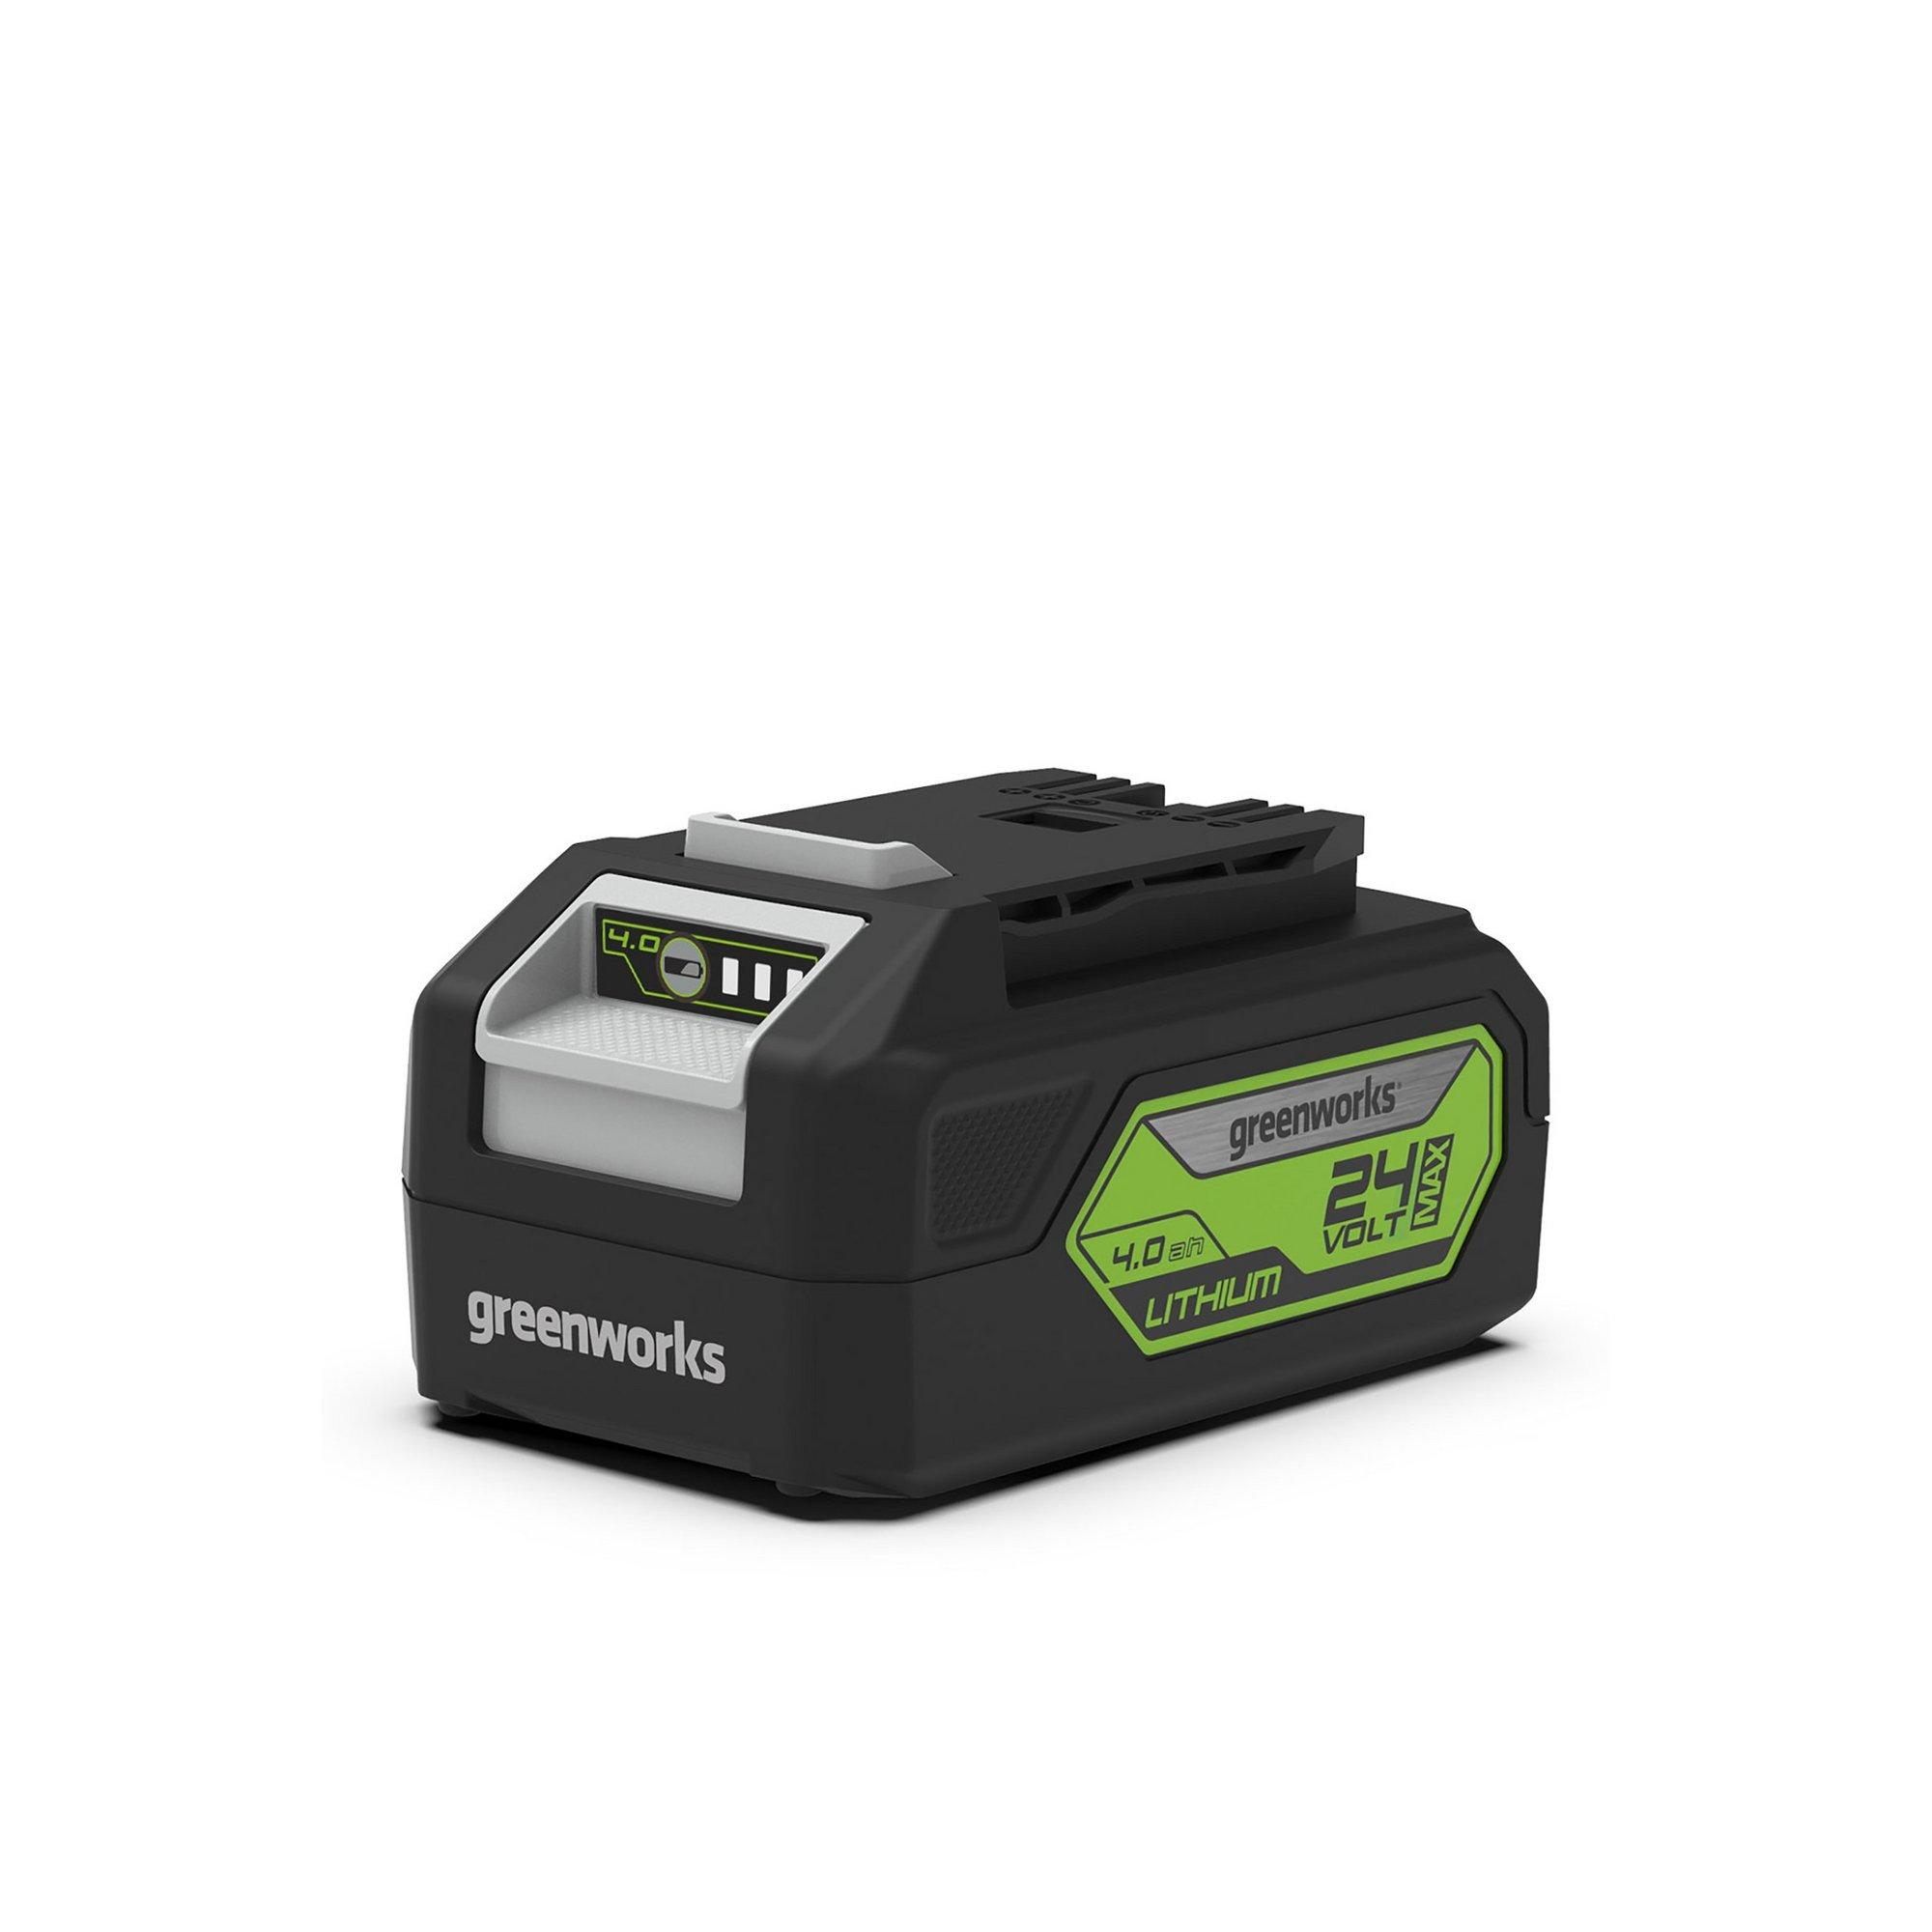 Image of Greenworks 24V 4Ah Battery